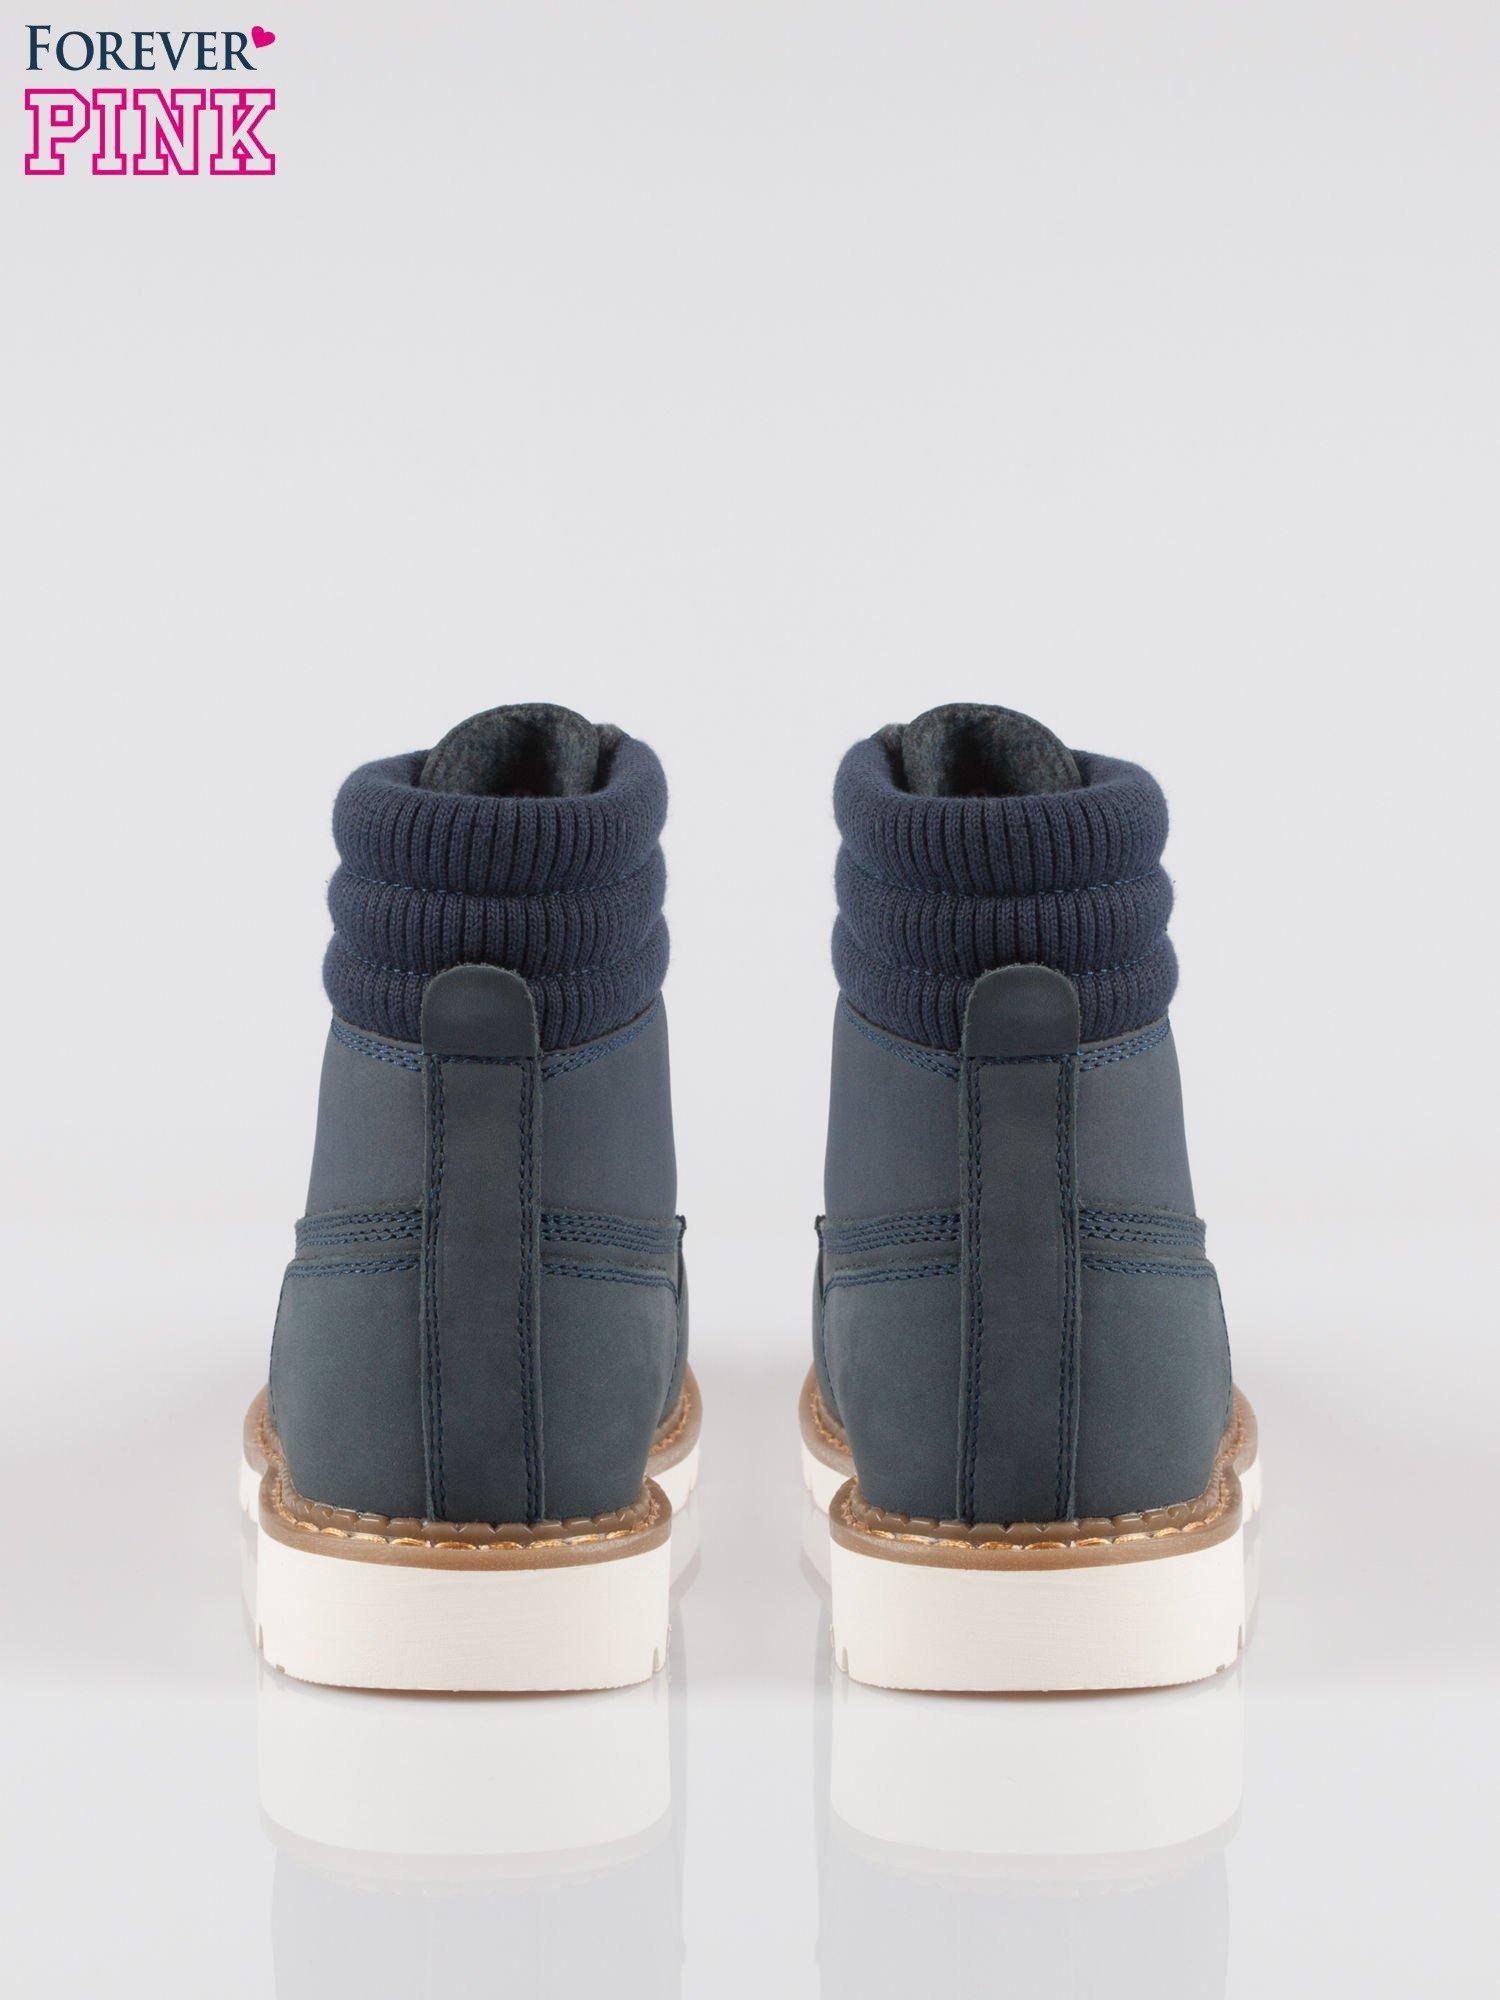 Granatowe buty trekkingowe traperki damskie z elastycznym kołnierzem ze skóry naturalnej                                  zdj.                                  3